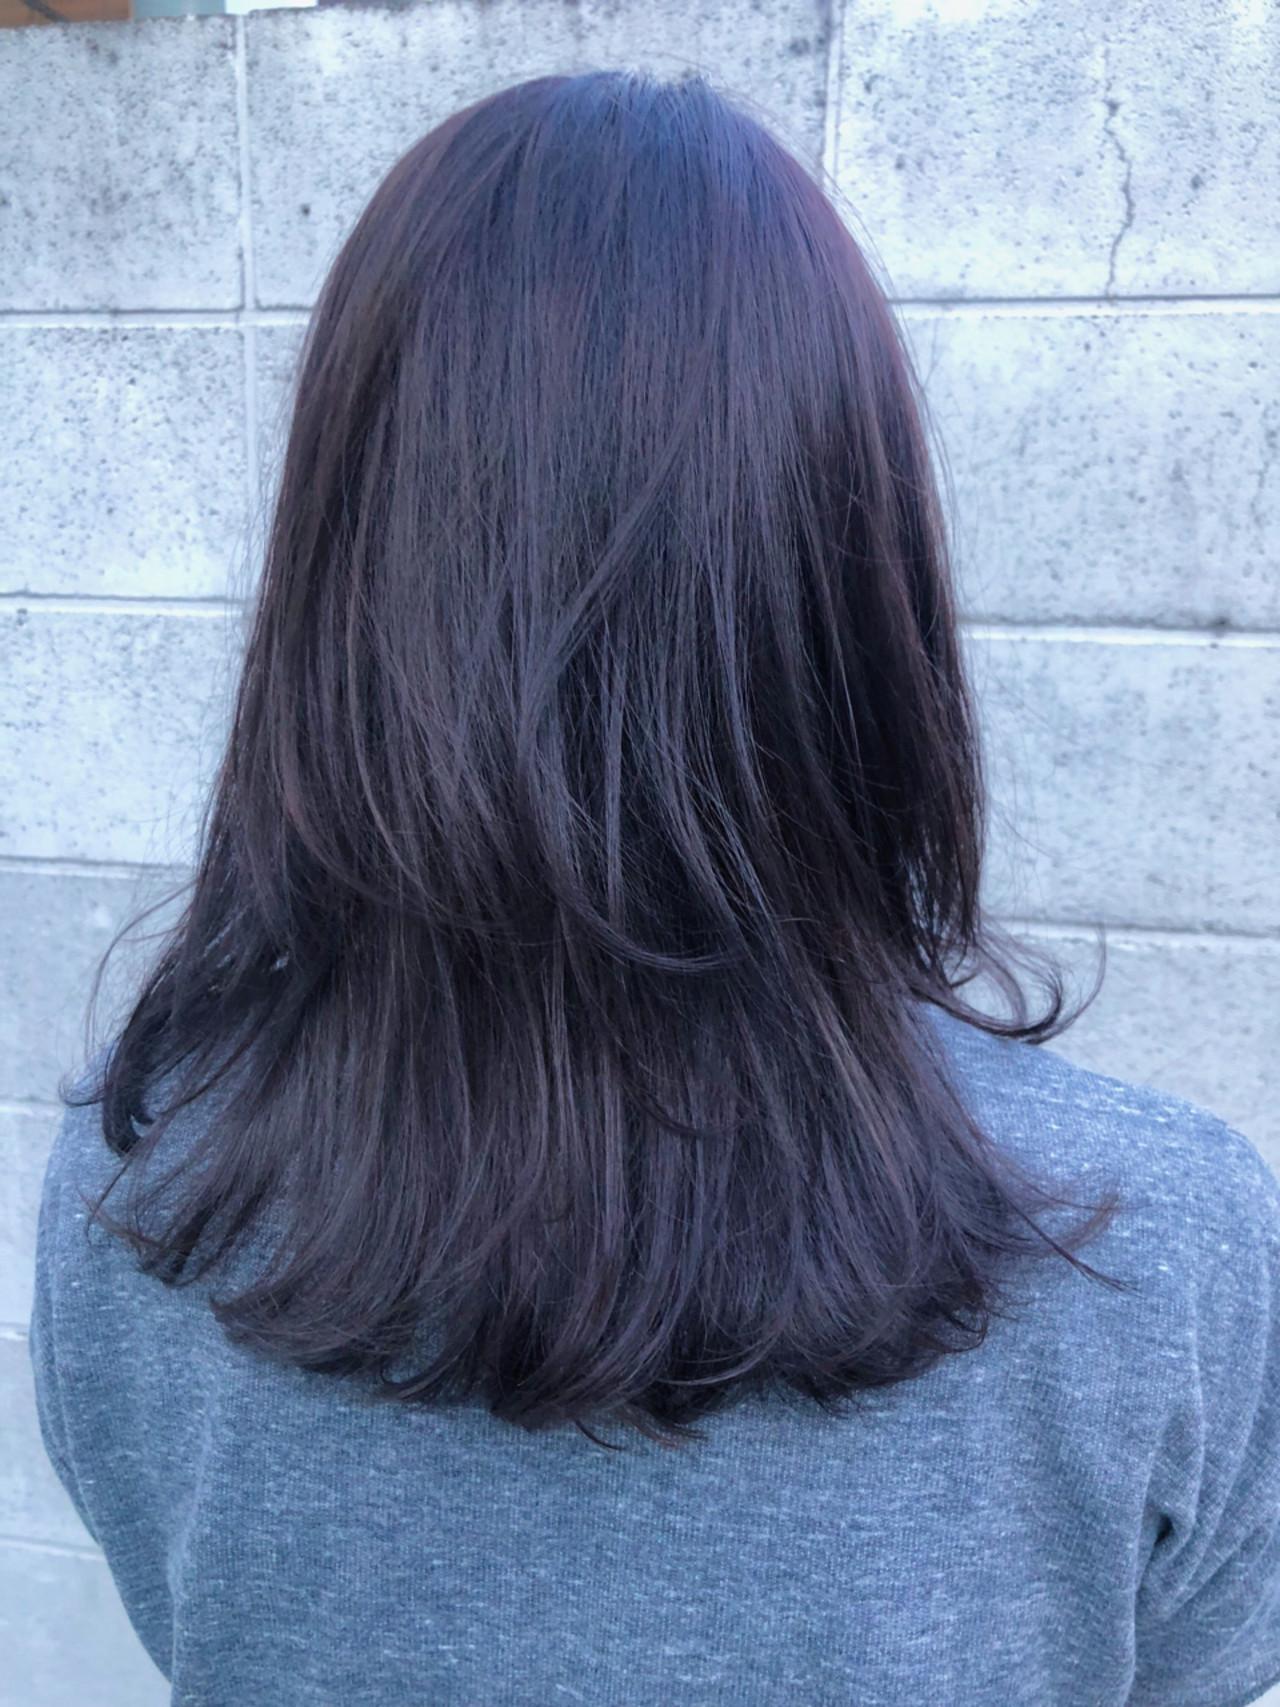 ラベンダーアッシュ レイヤーカット 暗髪 モード ヘアスタイルや髪型の写真・画像